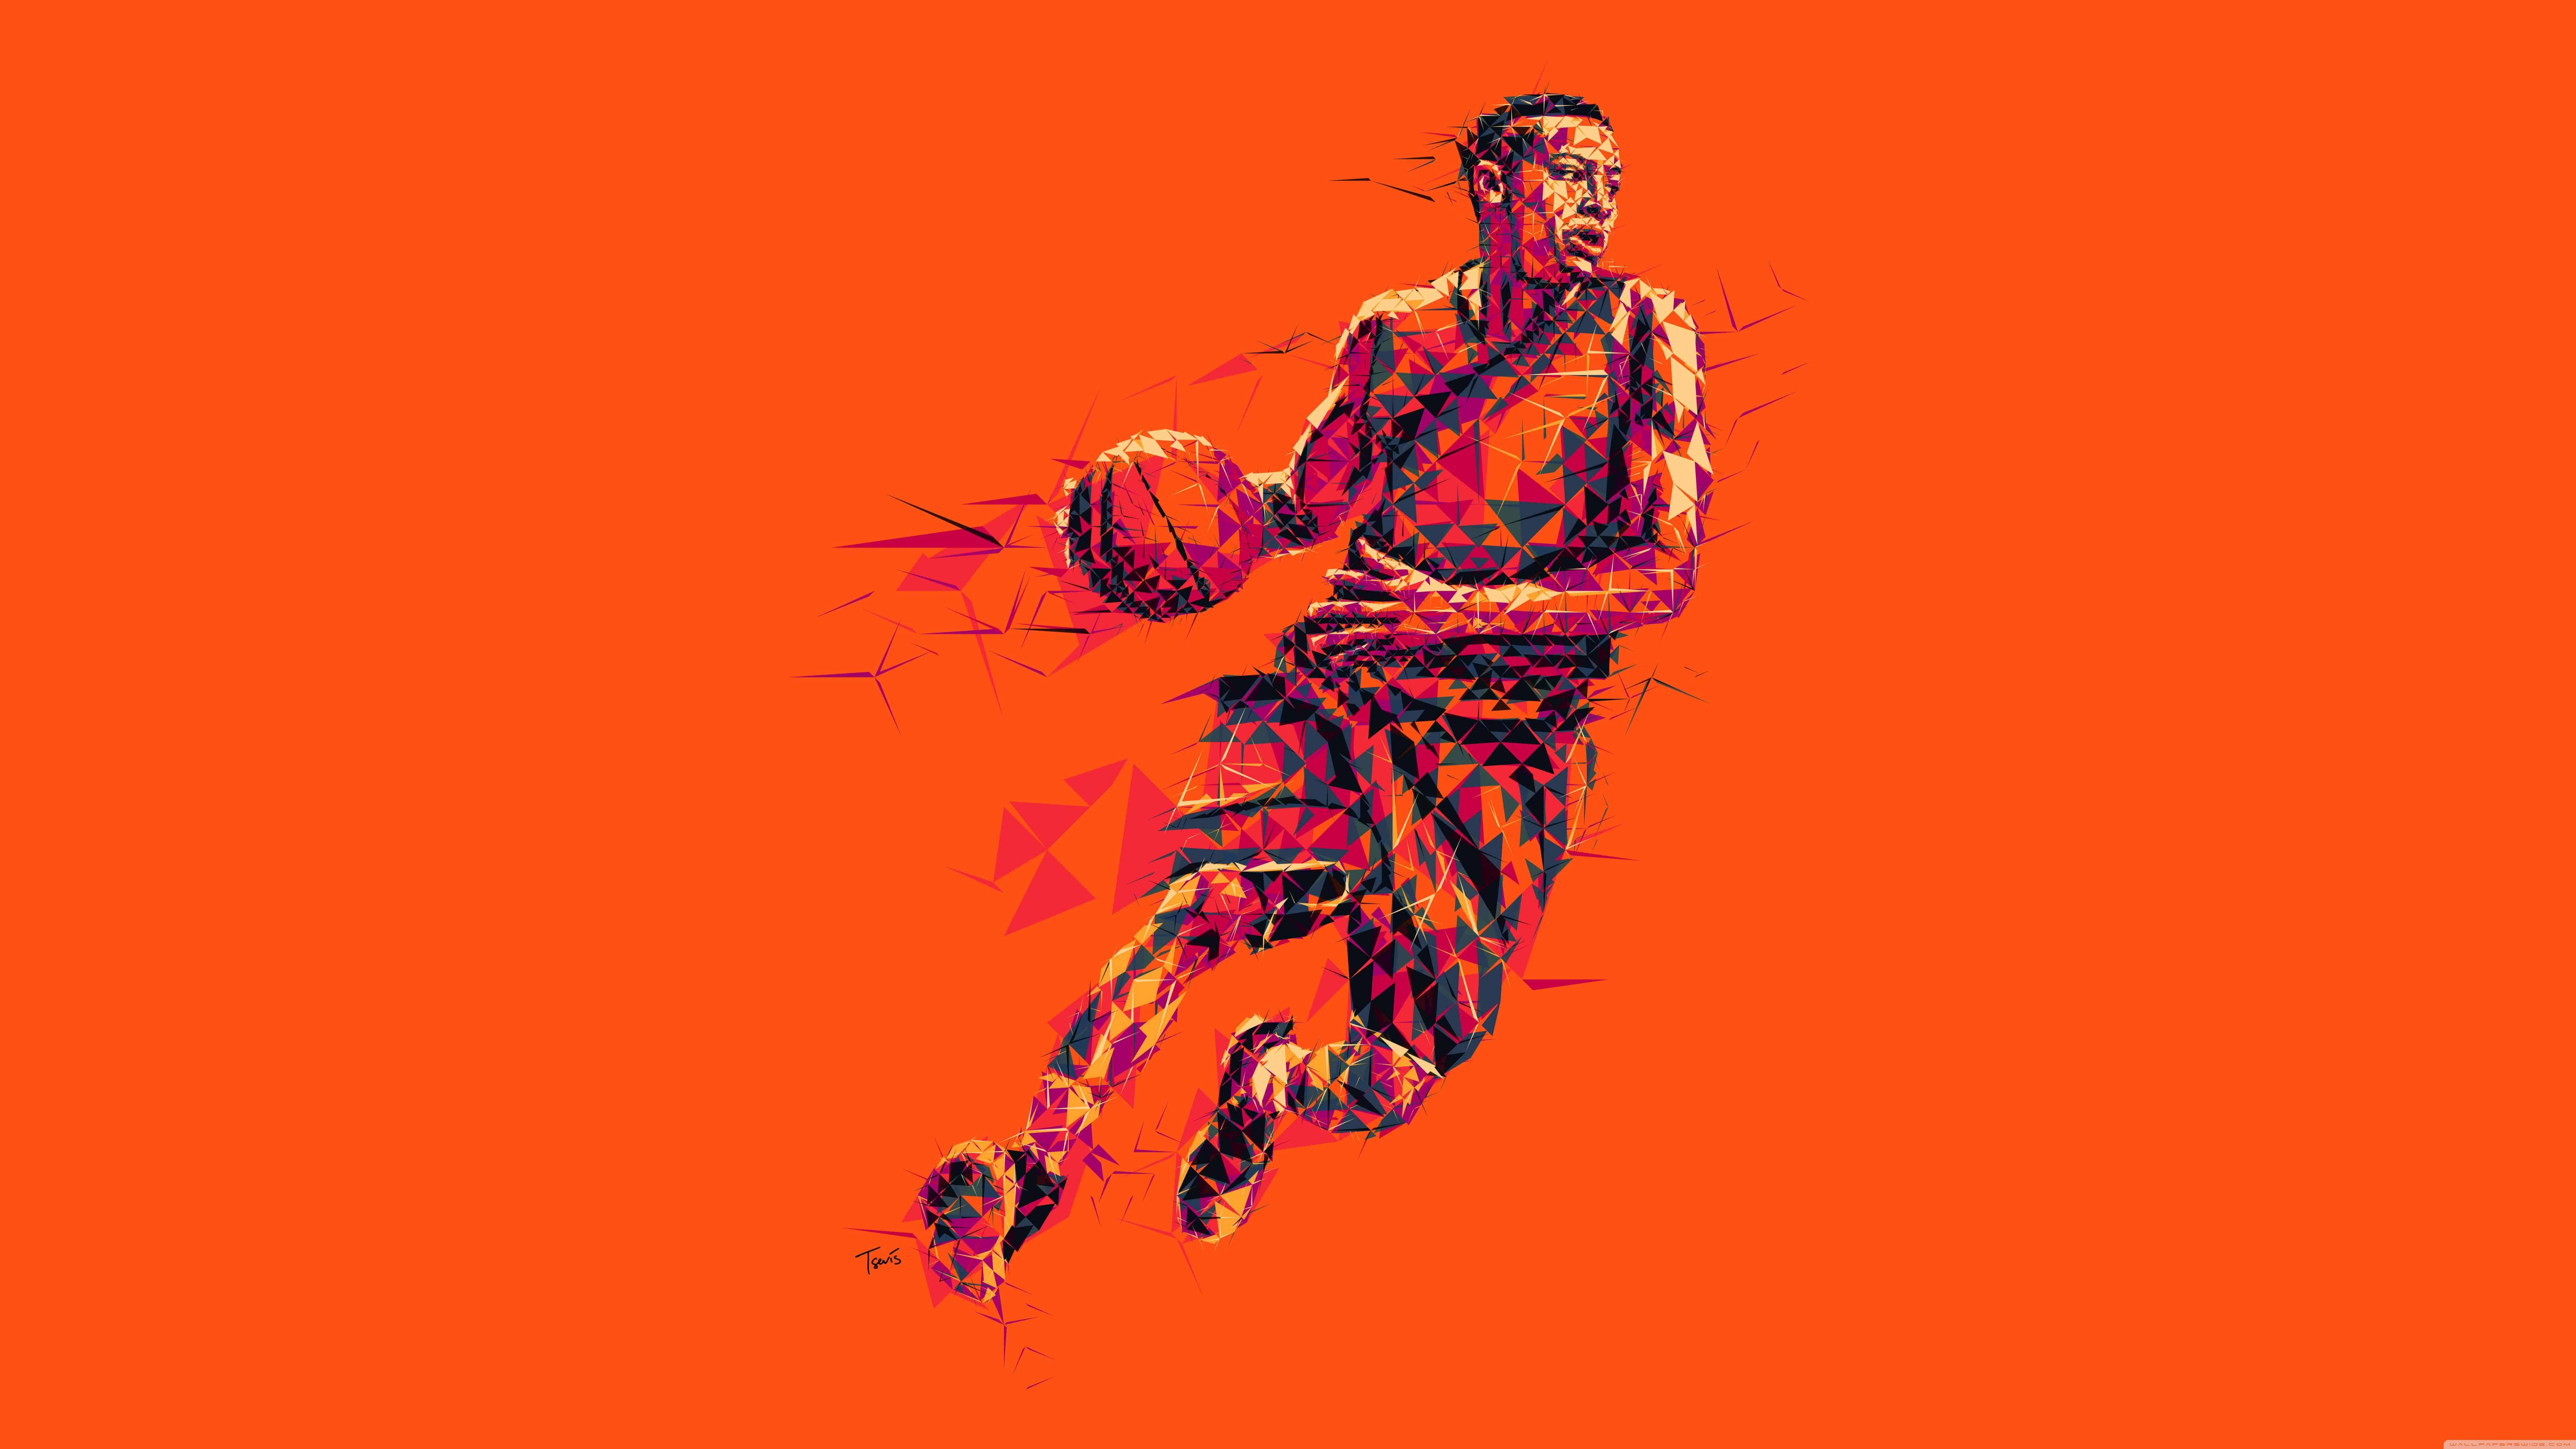 Basketball Player Uhd 8k Wallpaper Pixelz Cc